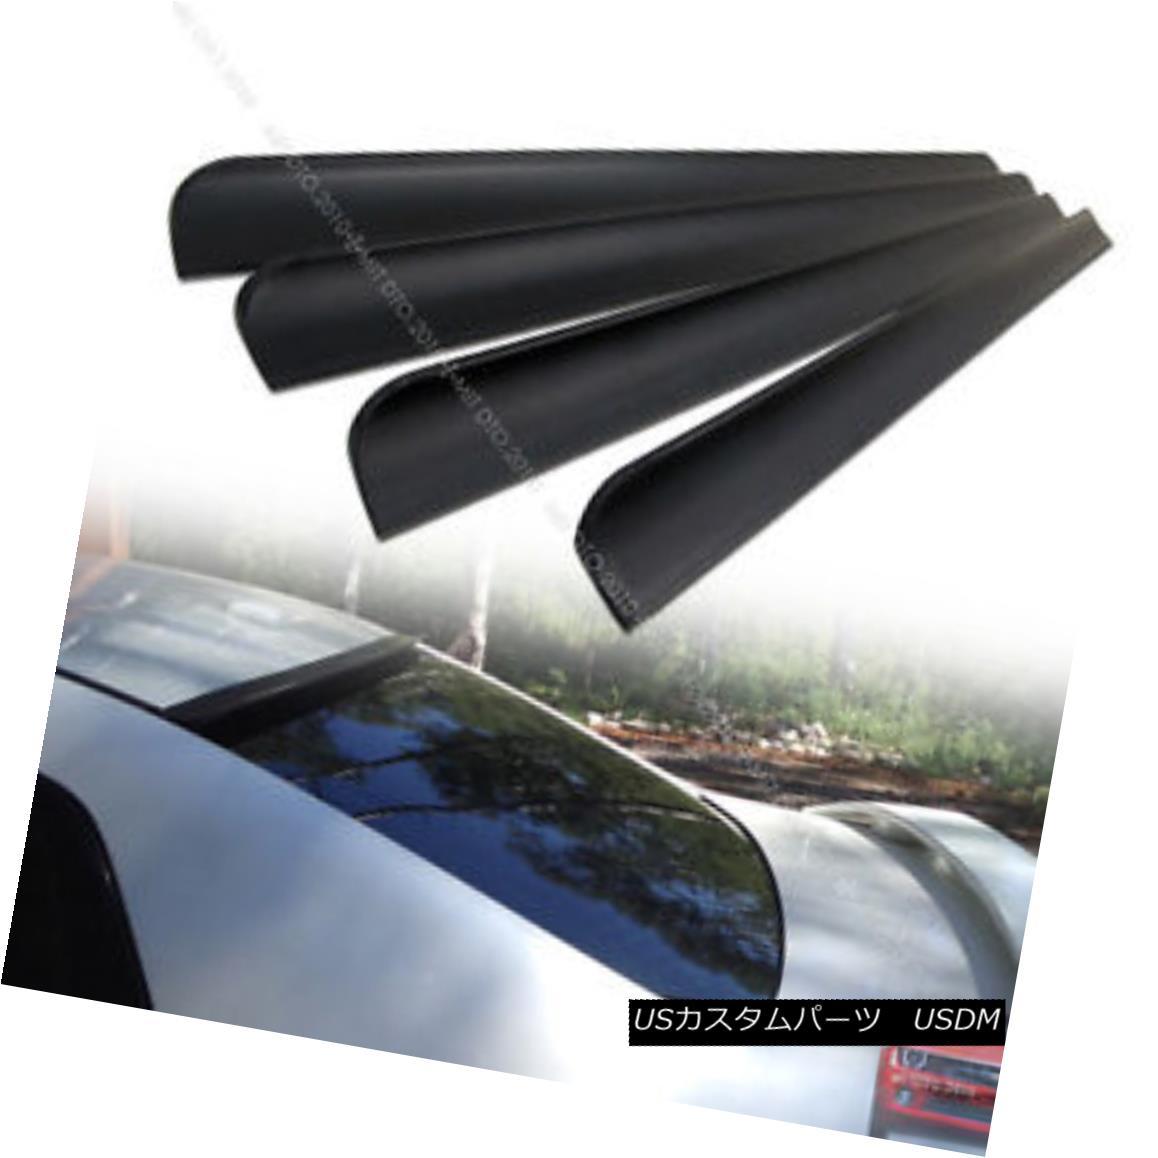 エアロパーツ UNPAINTED PUF FOR ACURA RLX 4DR Sedan REAR ROOF LIP SPOILER 2014+ § ACURA RLX 4DRセダンリアルーフリップスポイラー2014+ UN未塗装PUF